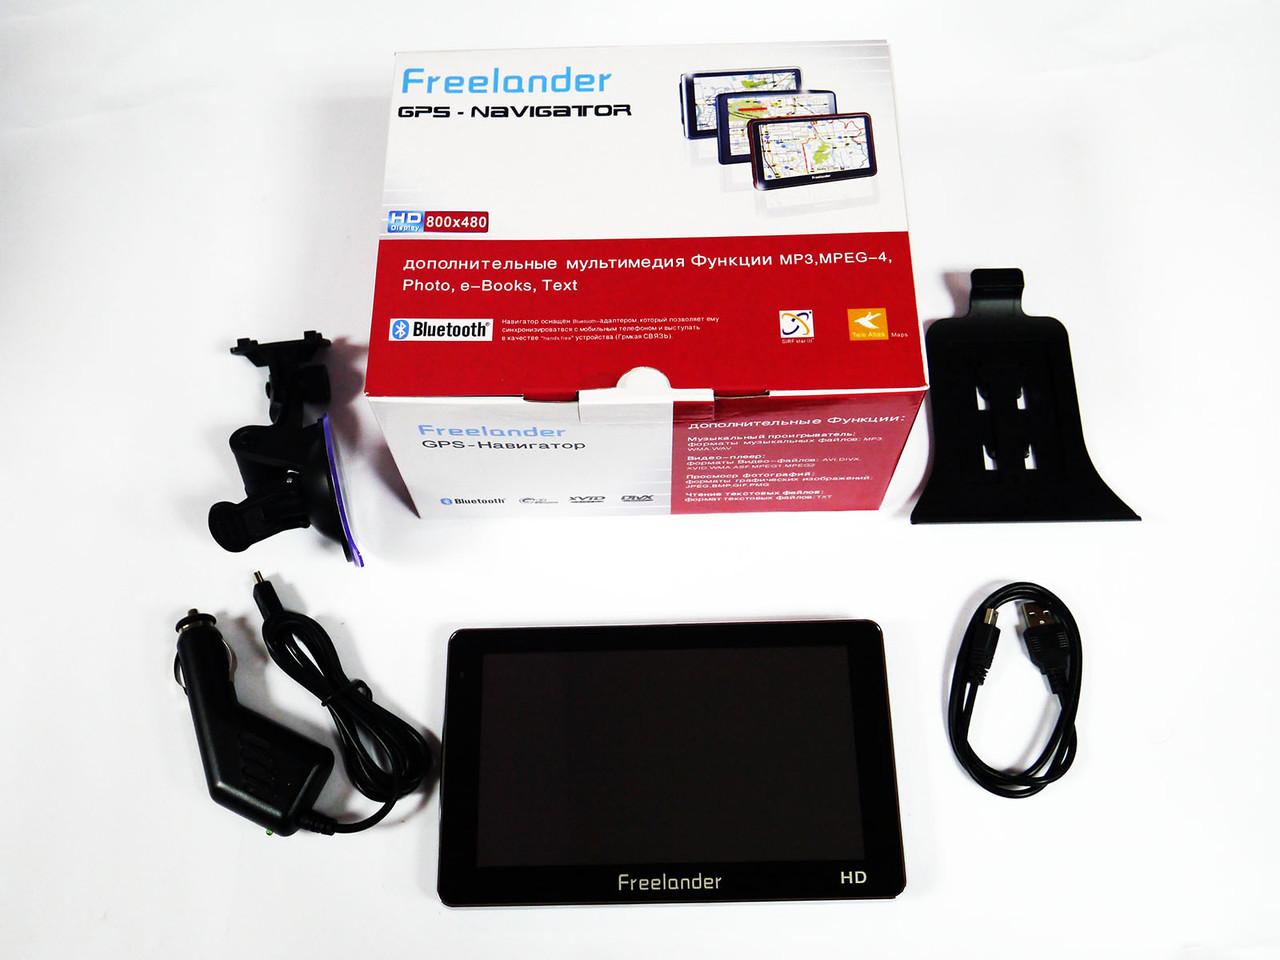 """7"""" GPS Навигатор  Freelander G712BT 4Gb+AV-in+BT, фото 1"""